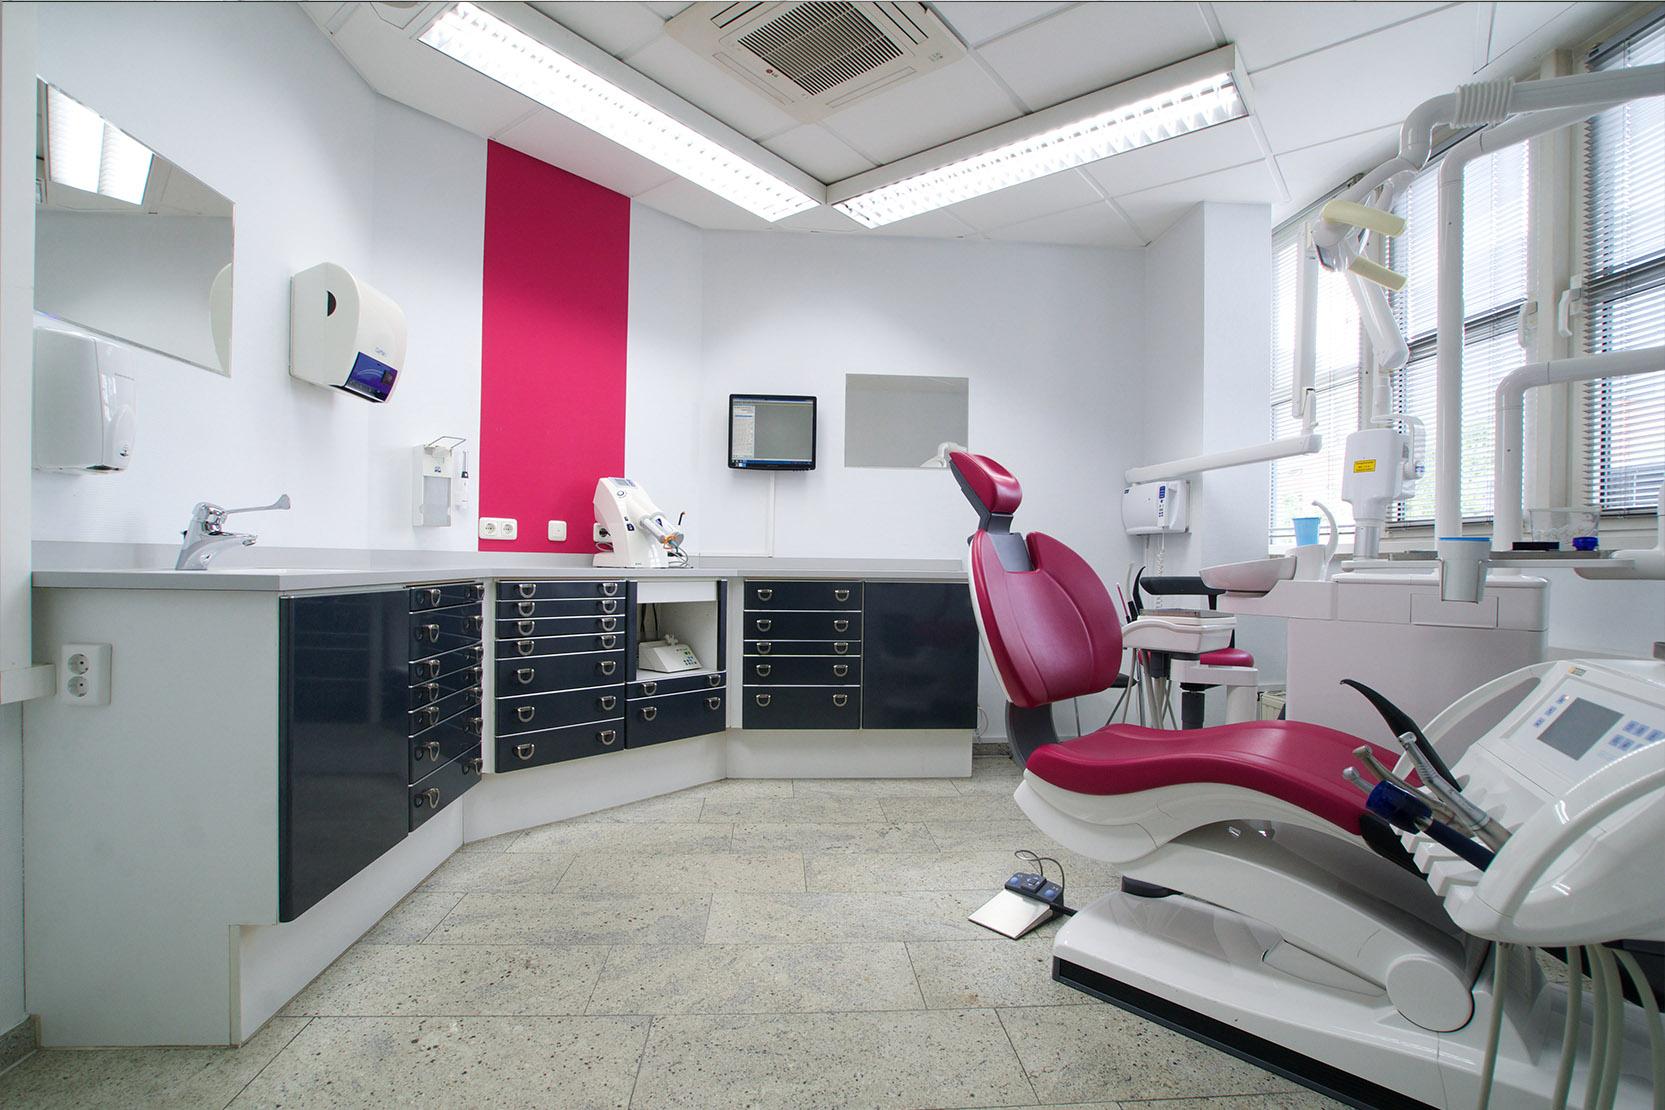 praxis-zahnarzt-denteam-behandlungsraum-1